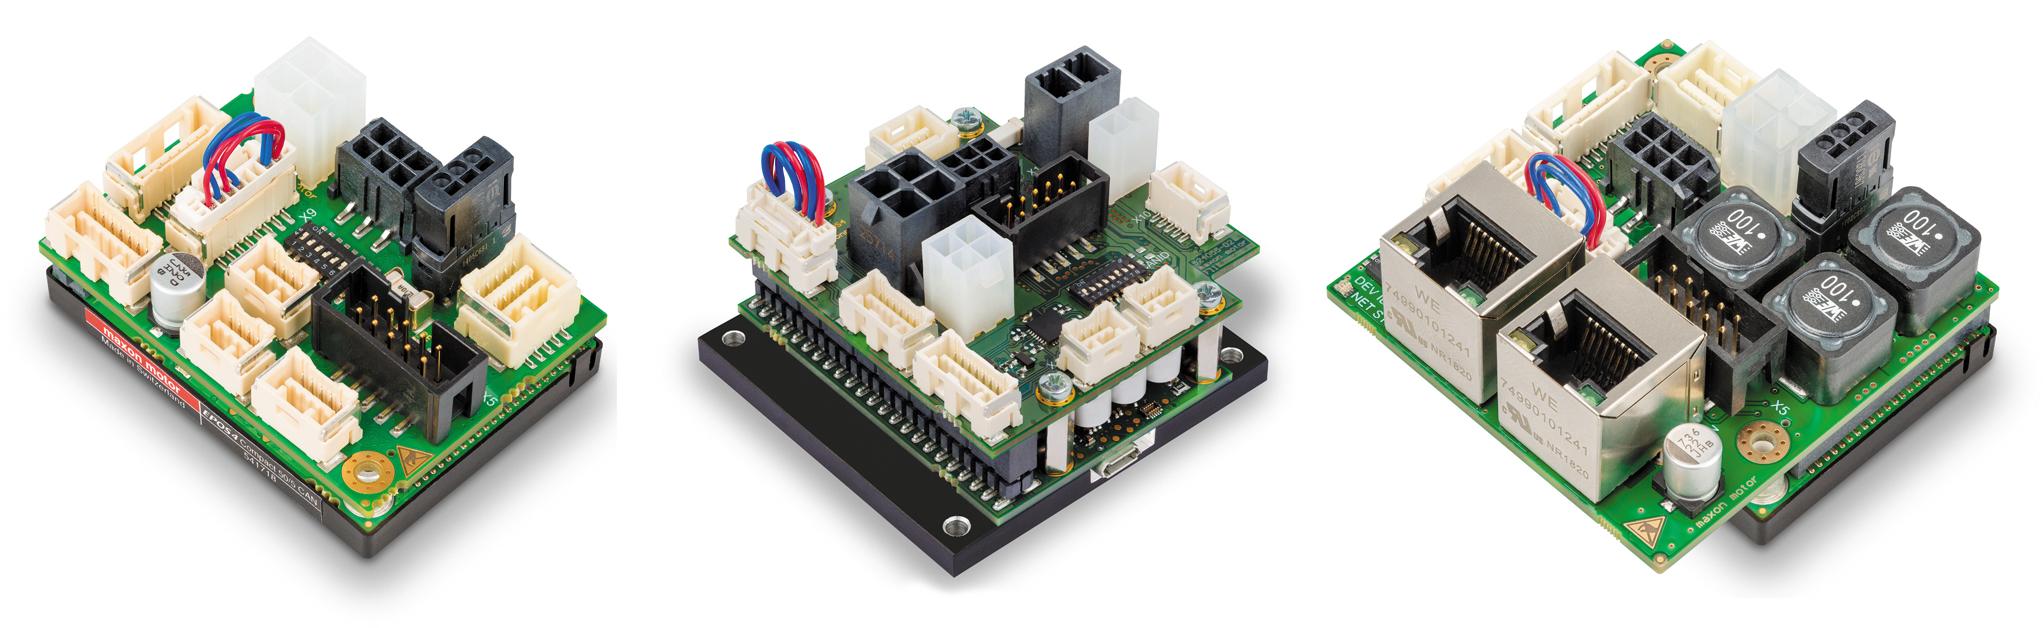 EPOS4 Compact